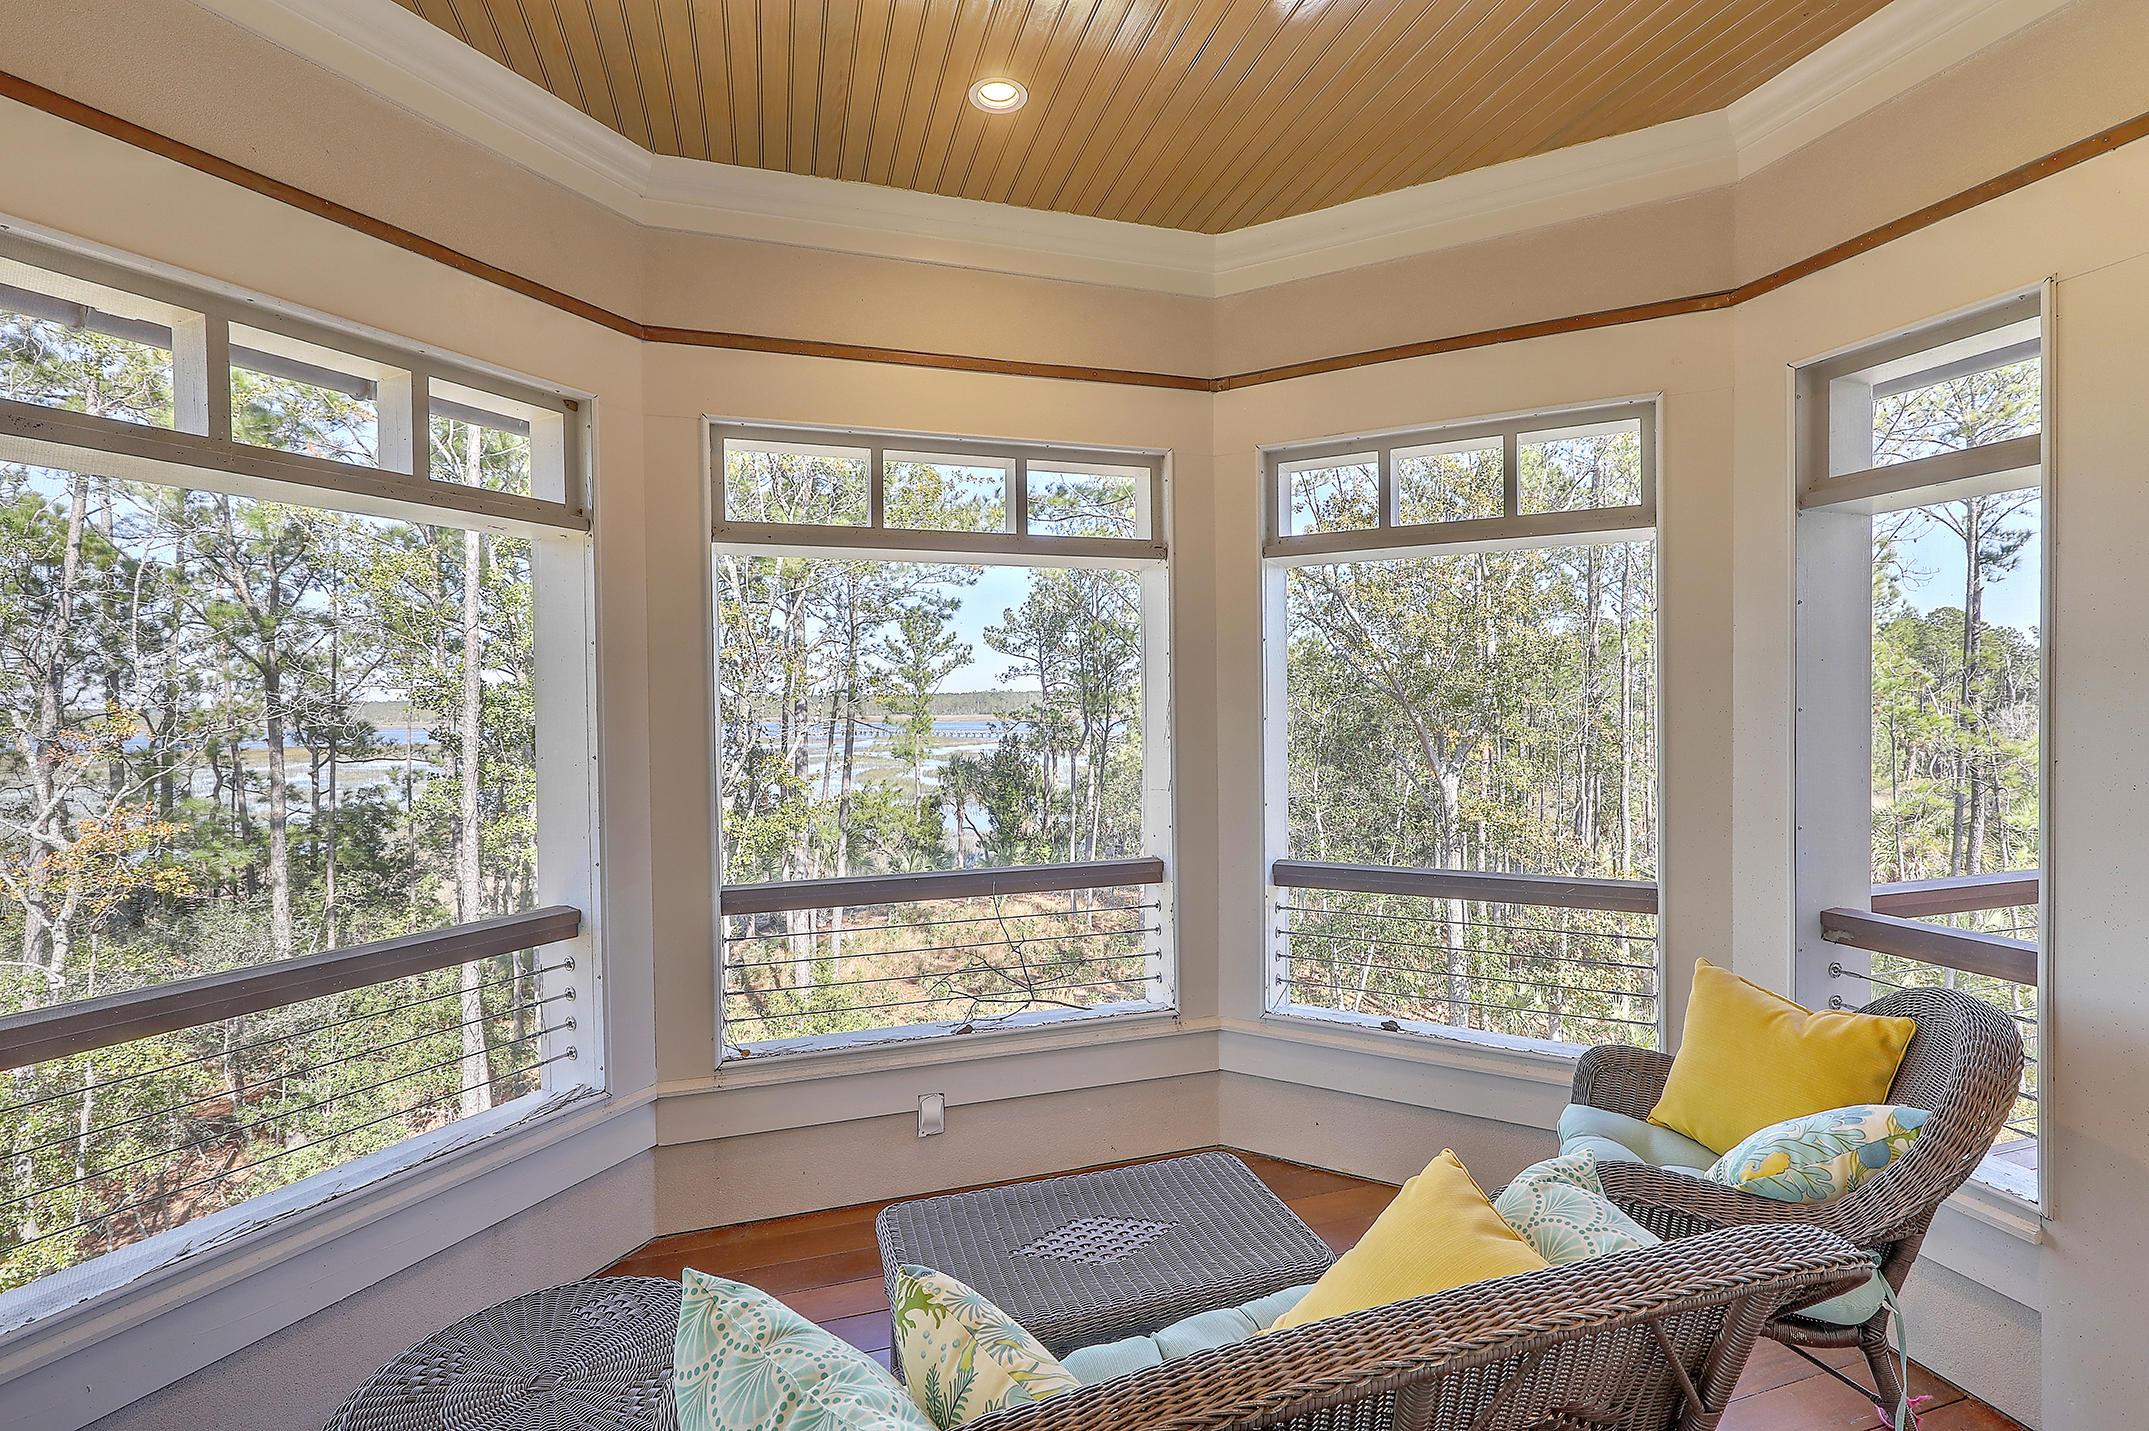 Park West Homes For Sale - 3905 Ashton Shore, Mount Pleasant, SC - 67